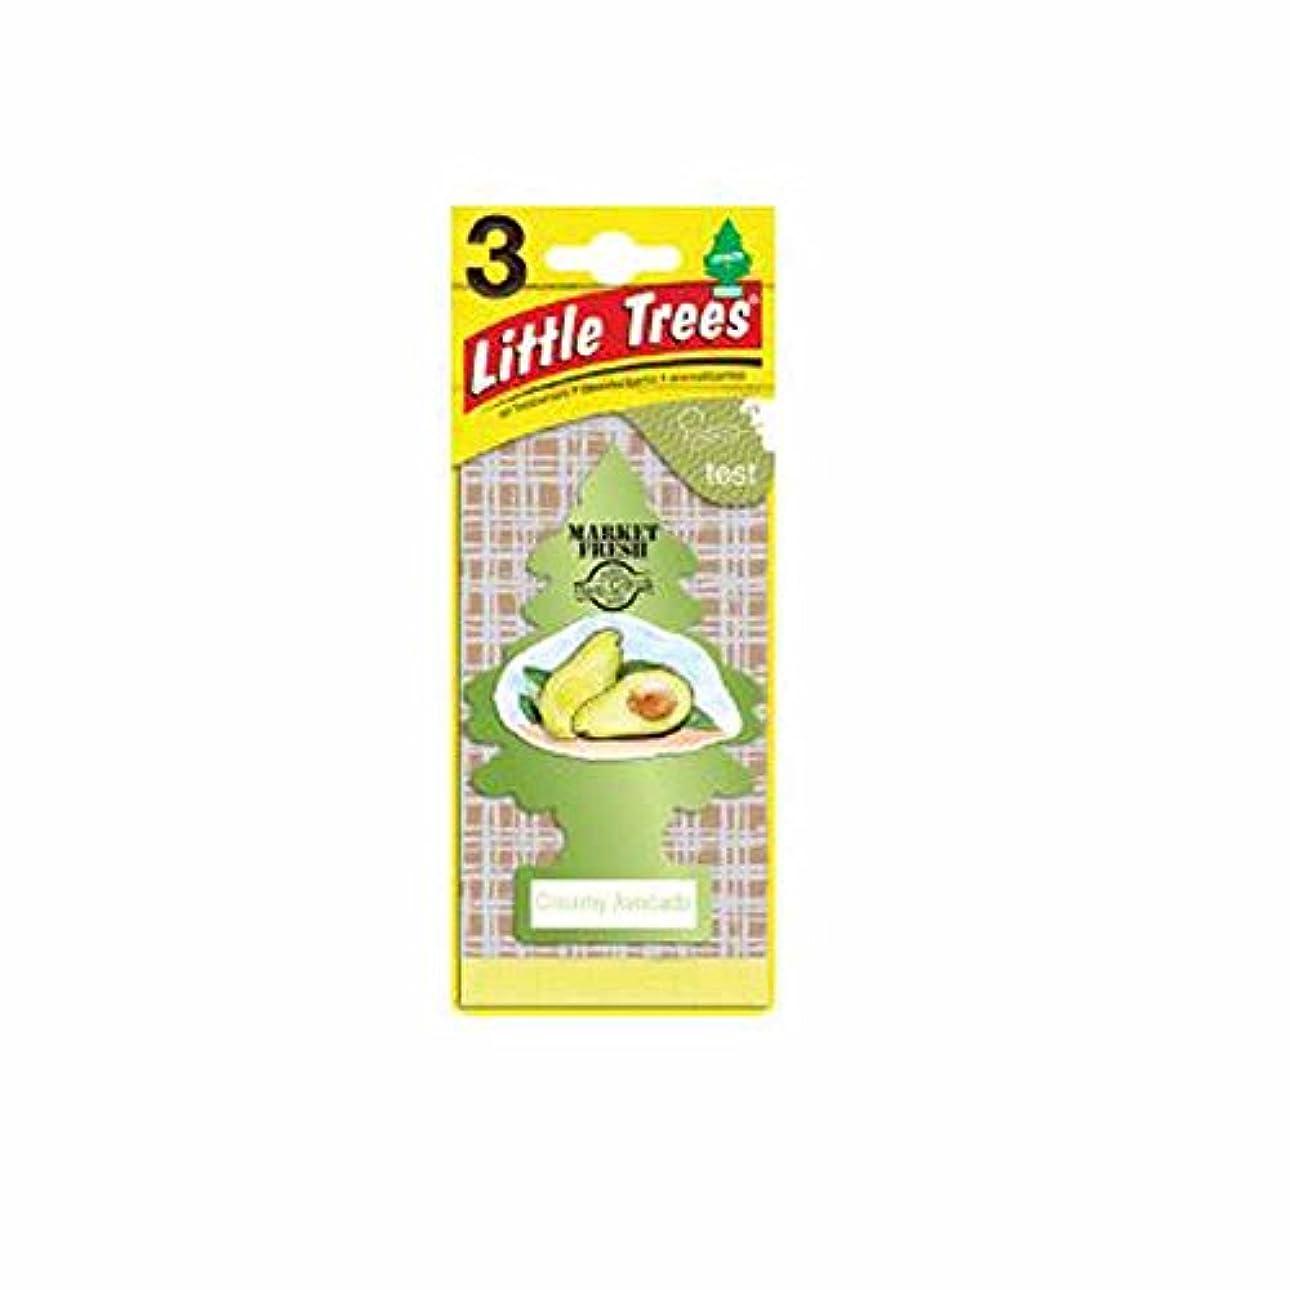 暴力的な膿瘍指定Little Trees 吊下げタイプ エアーフレッシュナー creamy avocado(クリーミーアボカド) 3枚セット(3P) U3S-37340